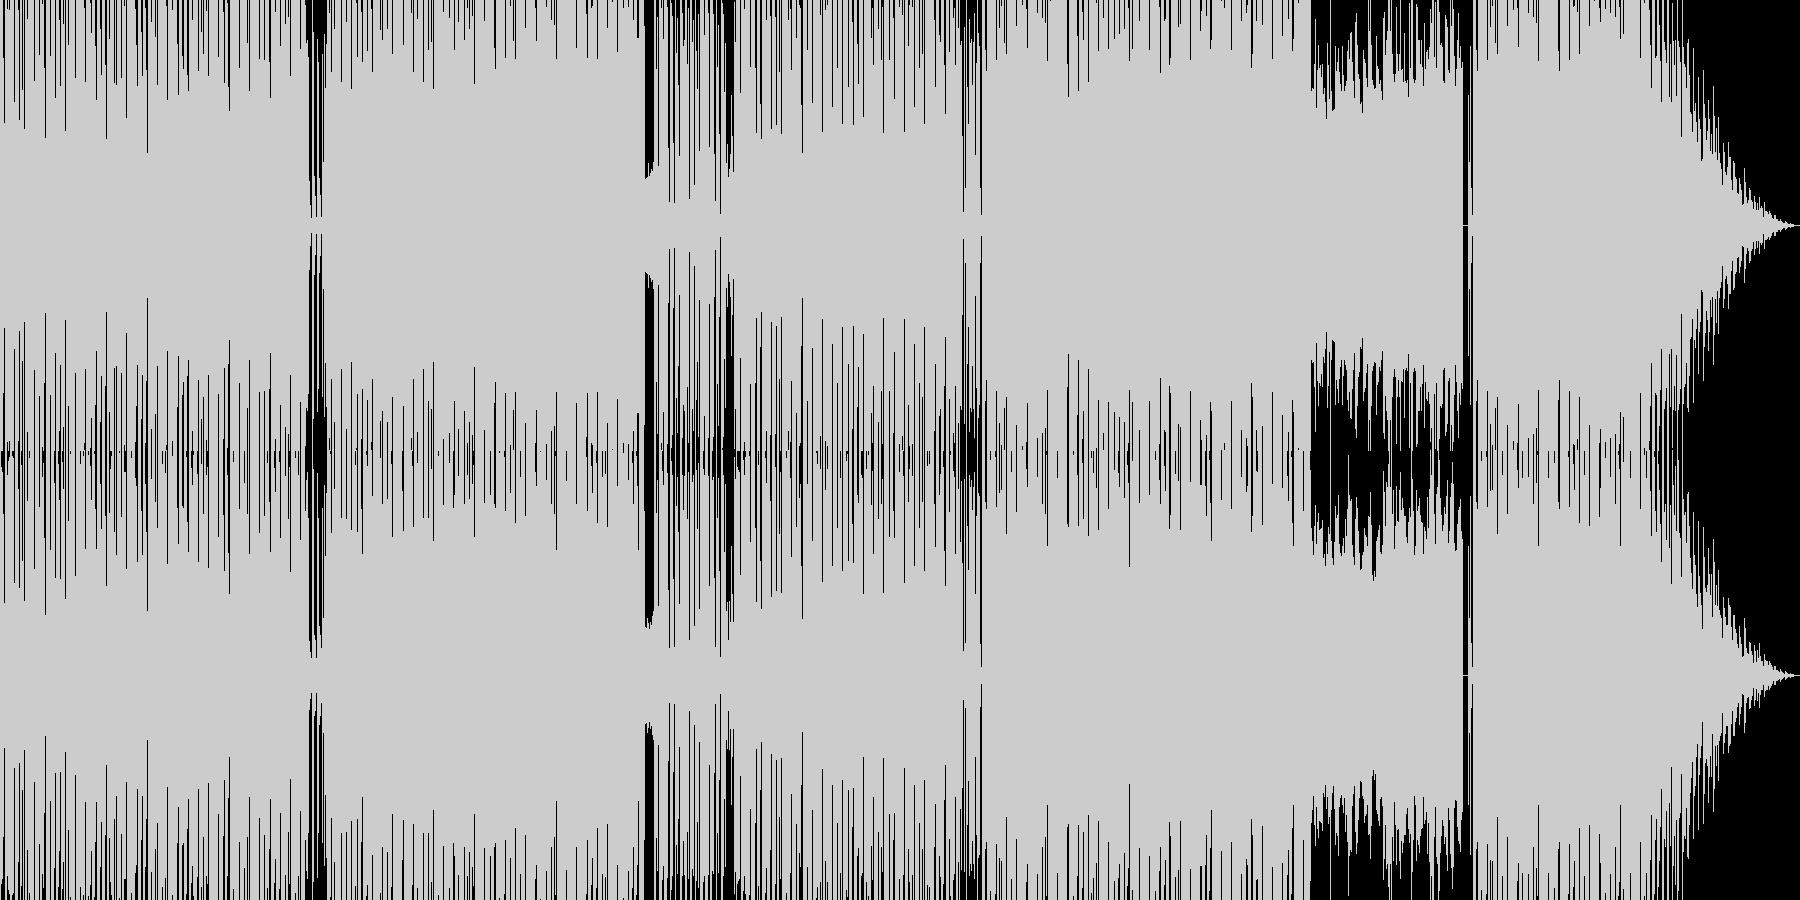 グランドコーラスが印象的なテクノの未再生の波形